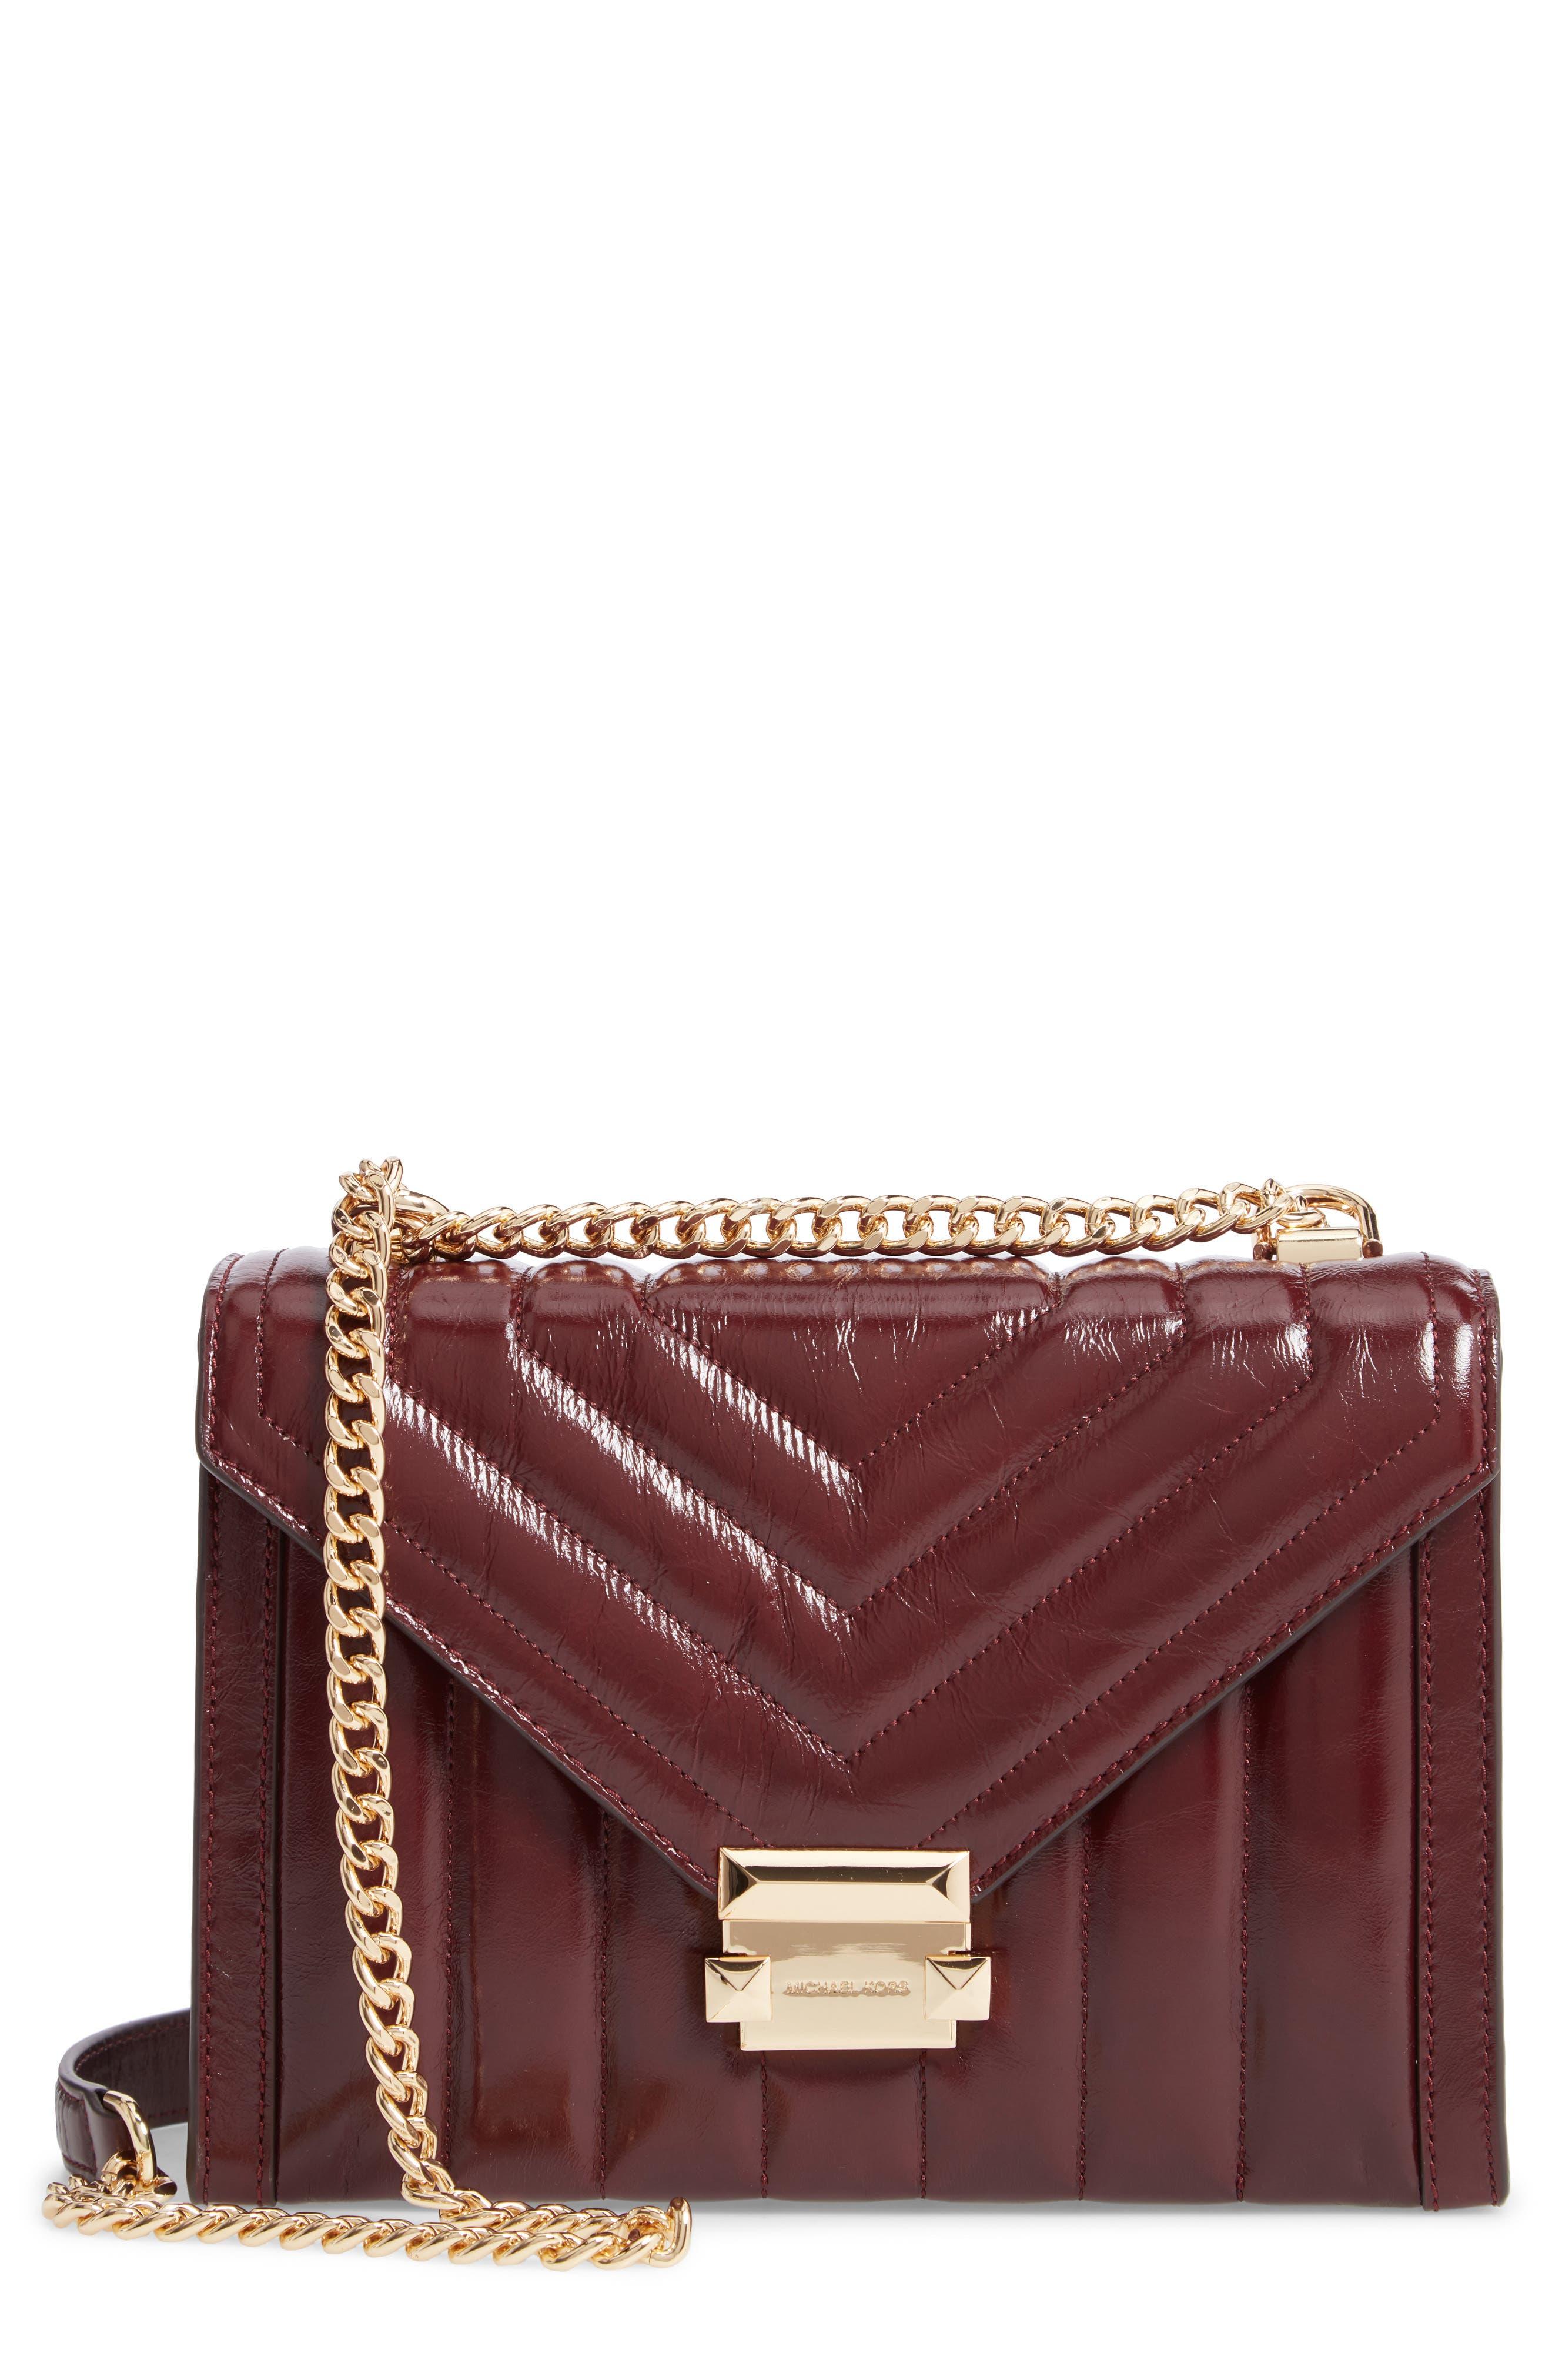 Michael Kors Handbags Nordstrom Sutton Medium Bag